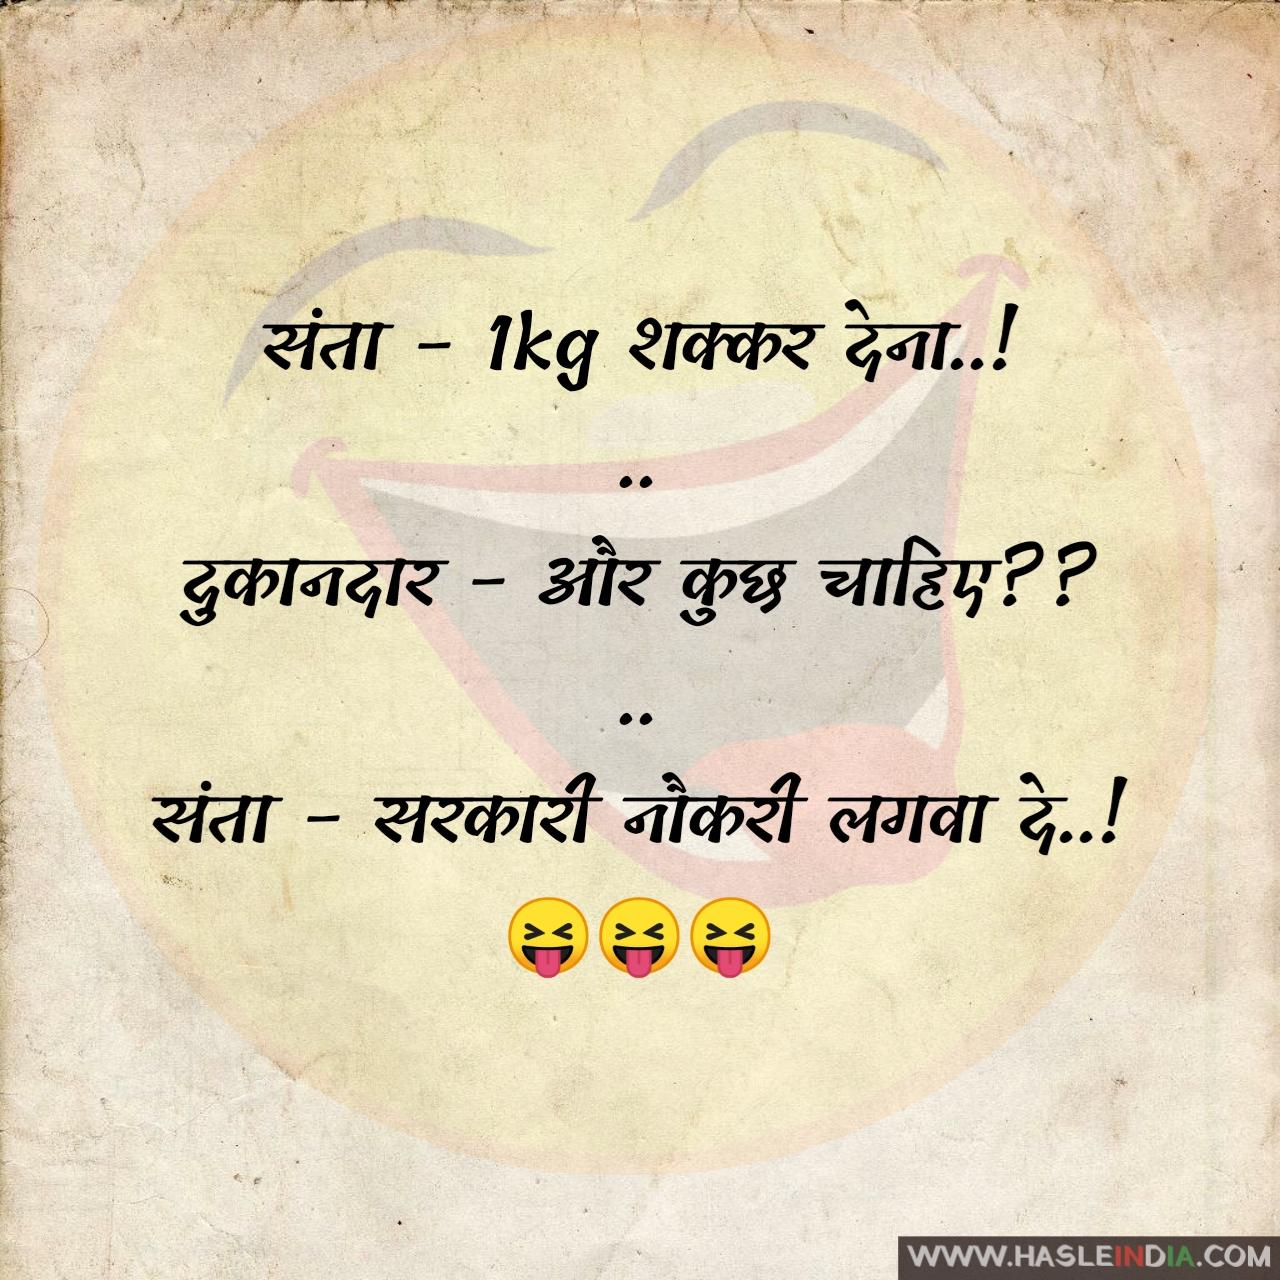 santa banta jokes, संता बंता जोक्स, funny hindi jokes, Hindi jokes, hindi chutkule, hindi joke sms, hindi jokes pic, hindi jokes images, Hasle india,